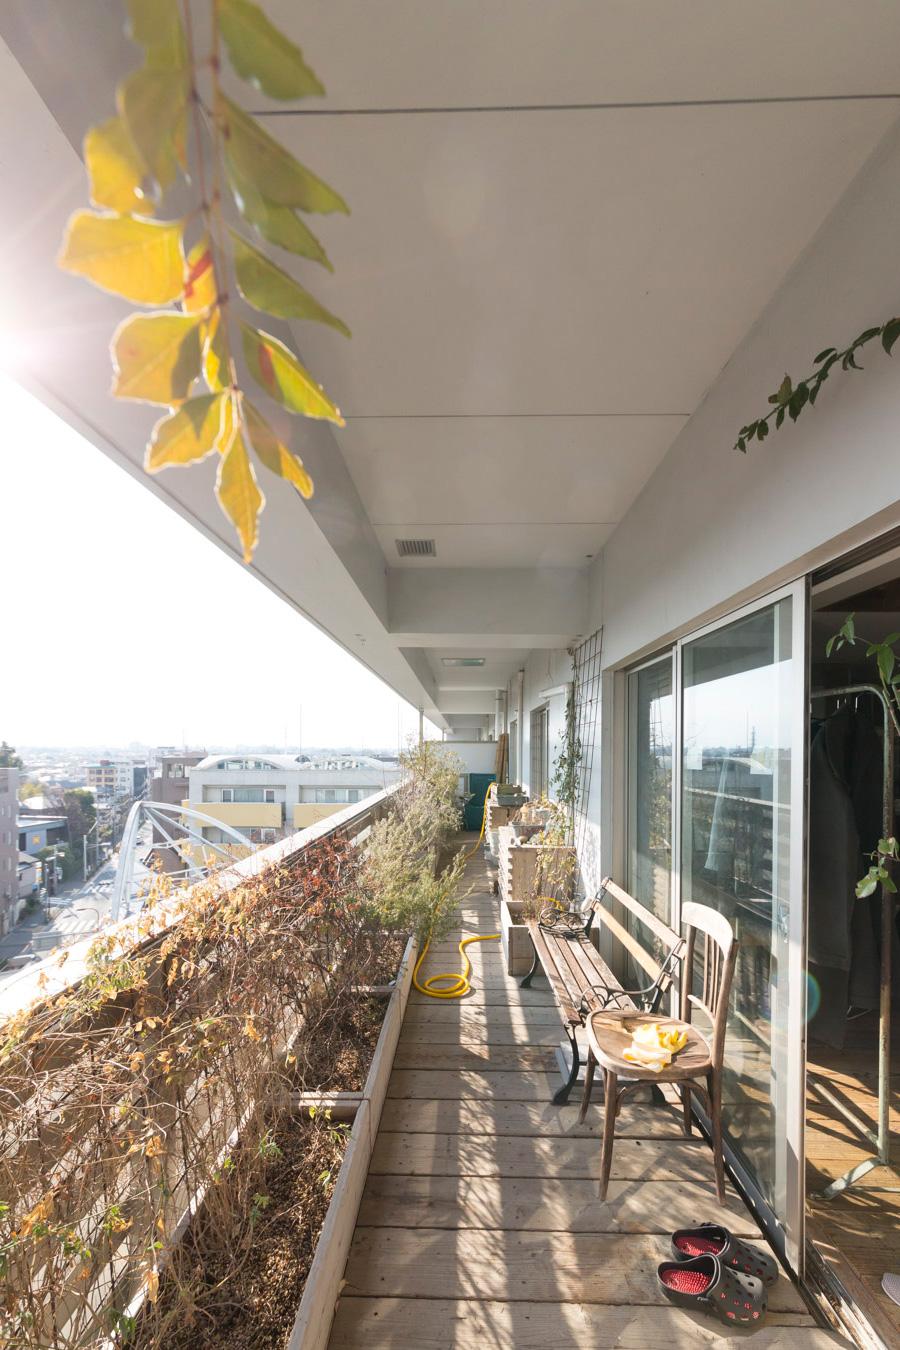 ベランダにはプランターがズラリと並んでいる。夏はジャングルのように葉が繁り、グリーンの空間になるのだとか。